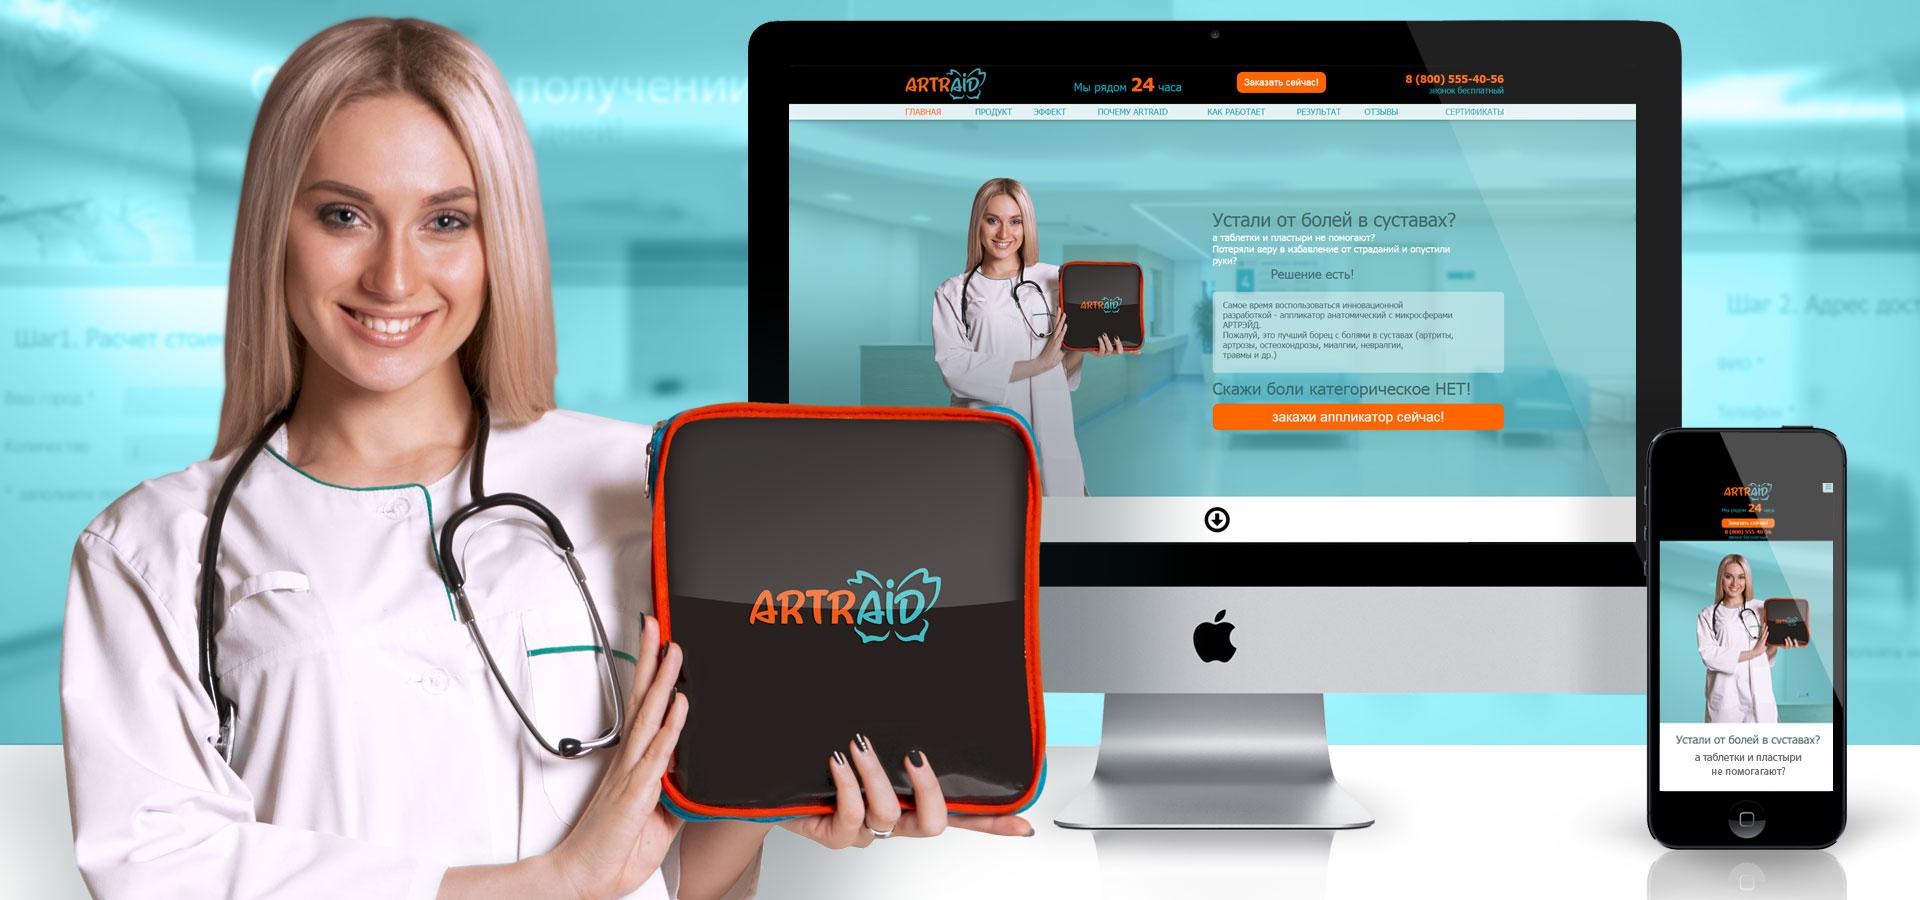 Сайт-лендинг ARTRaid под ключ. Авторские фотографии от фотостудии Дизайн-сервис